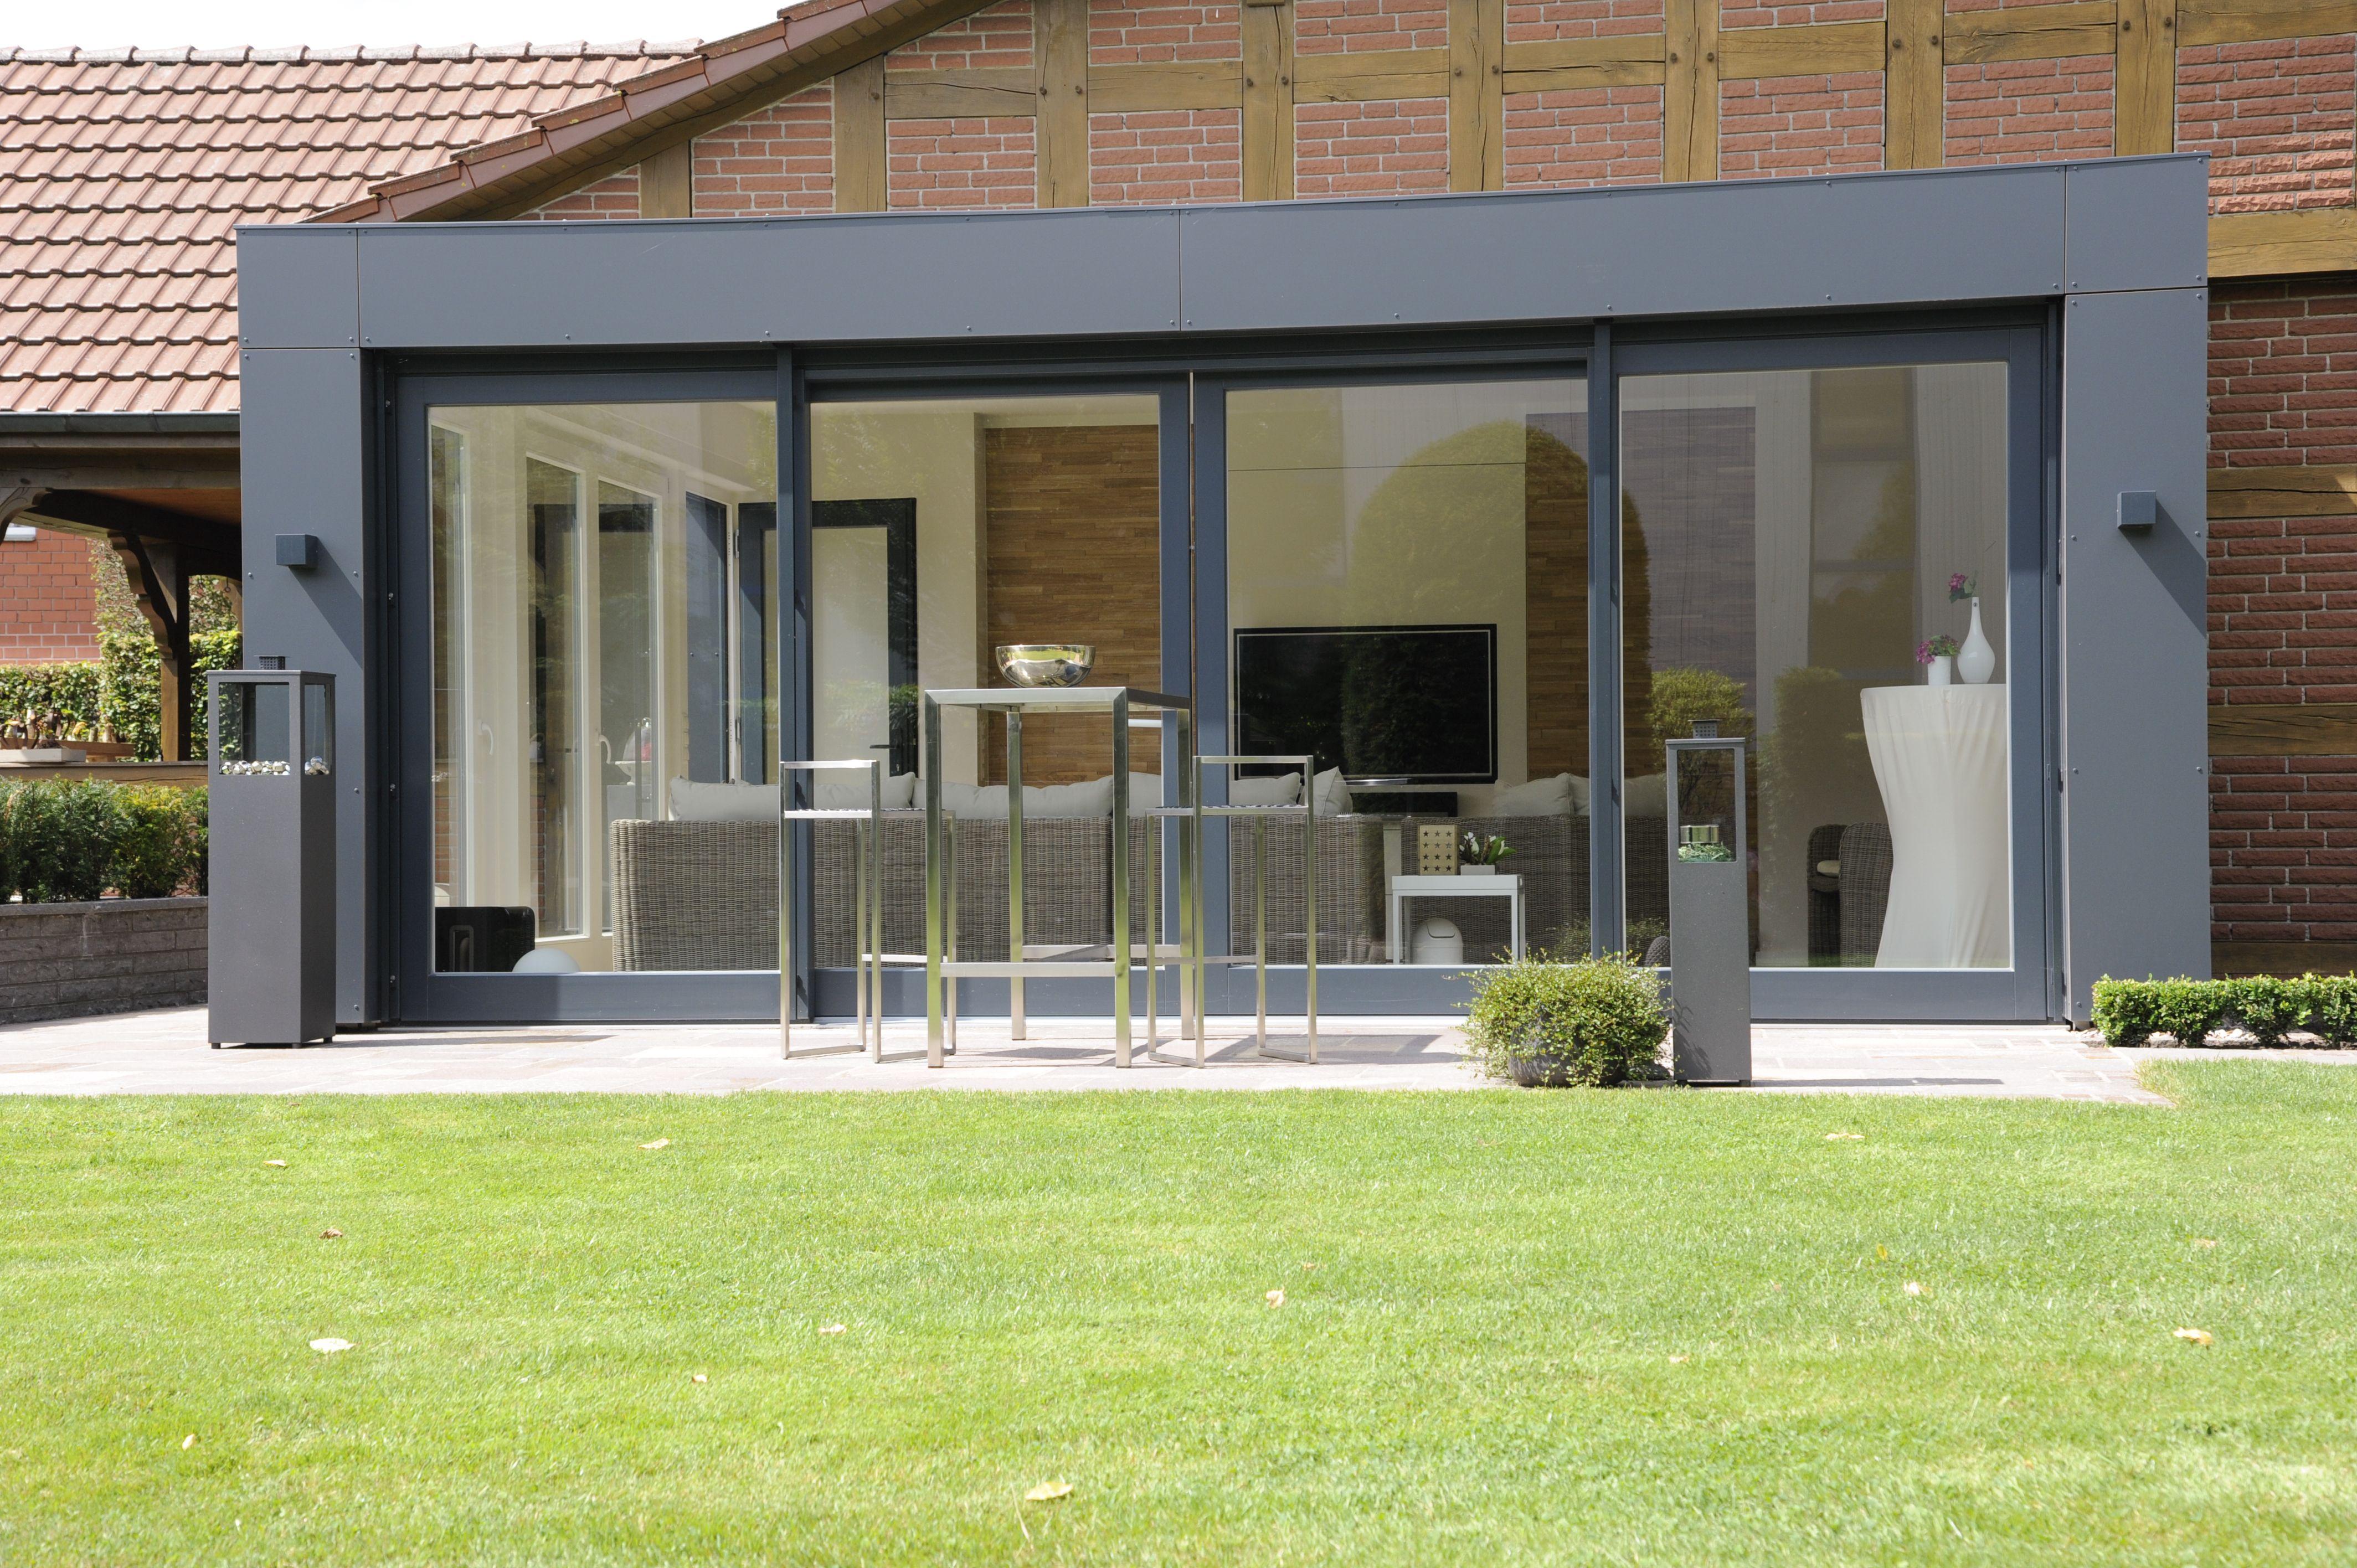 wintergarten wg 0370 modern kubisch hell von au en mit fassandenplatten verkleidet moderne. Black Bedroom Furniture Sets. Home Design Ideas